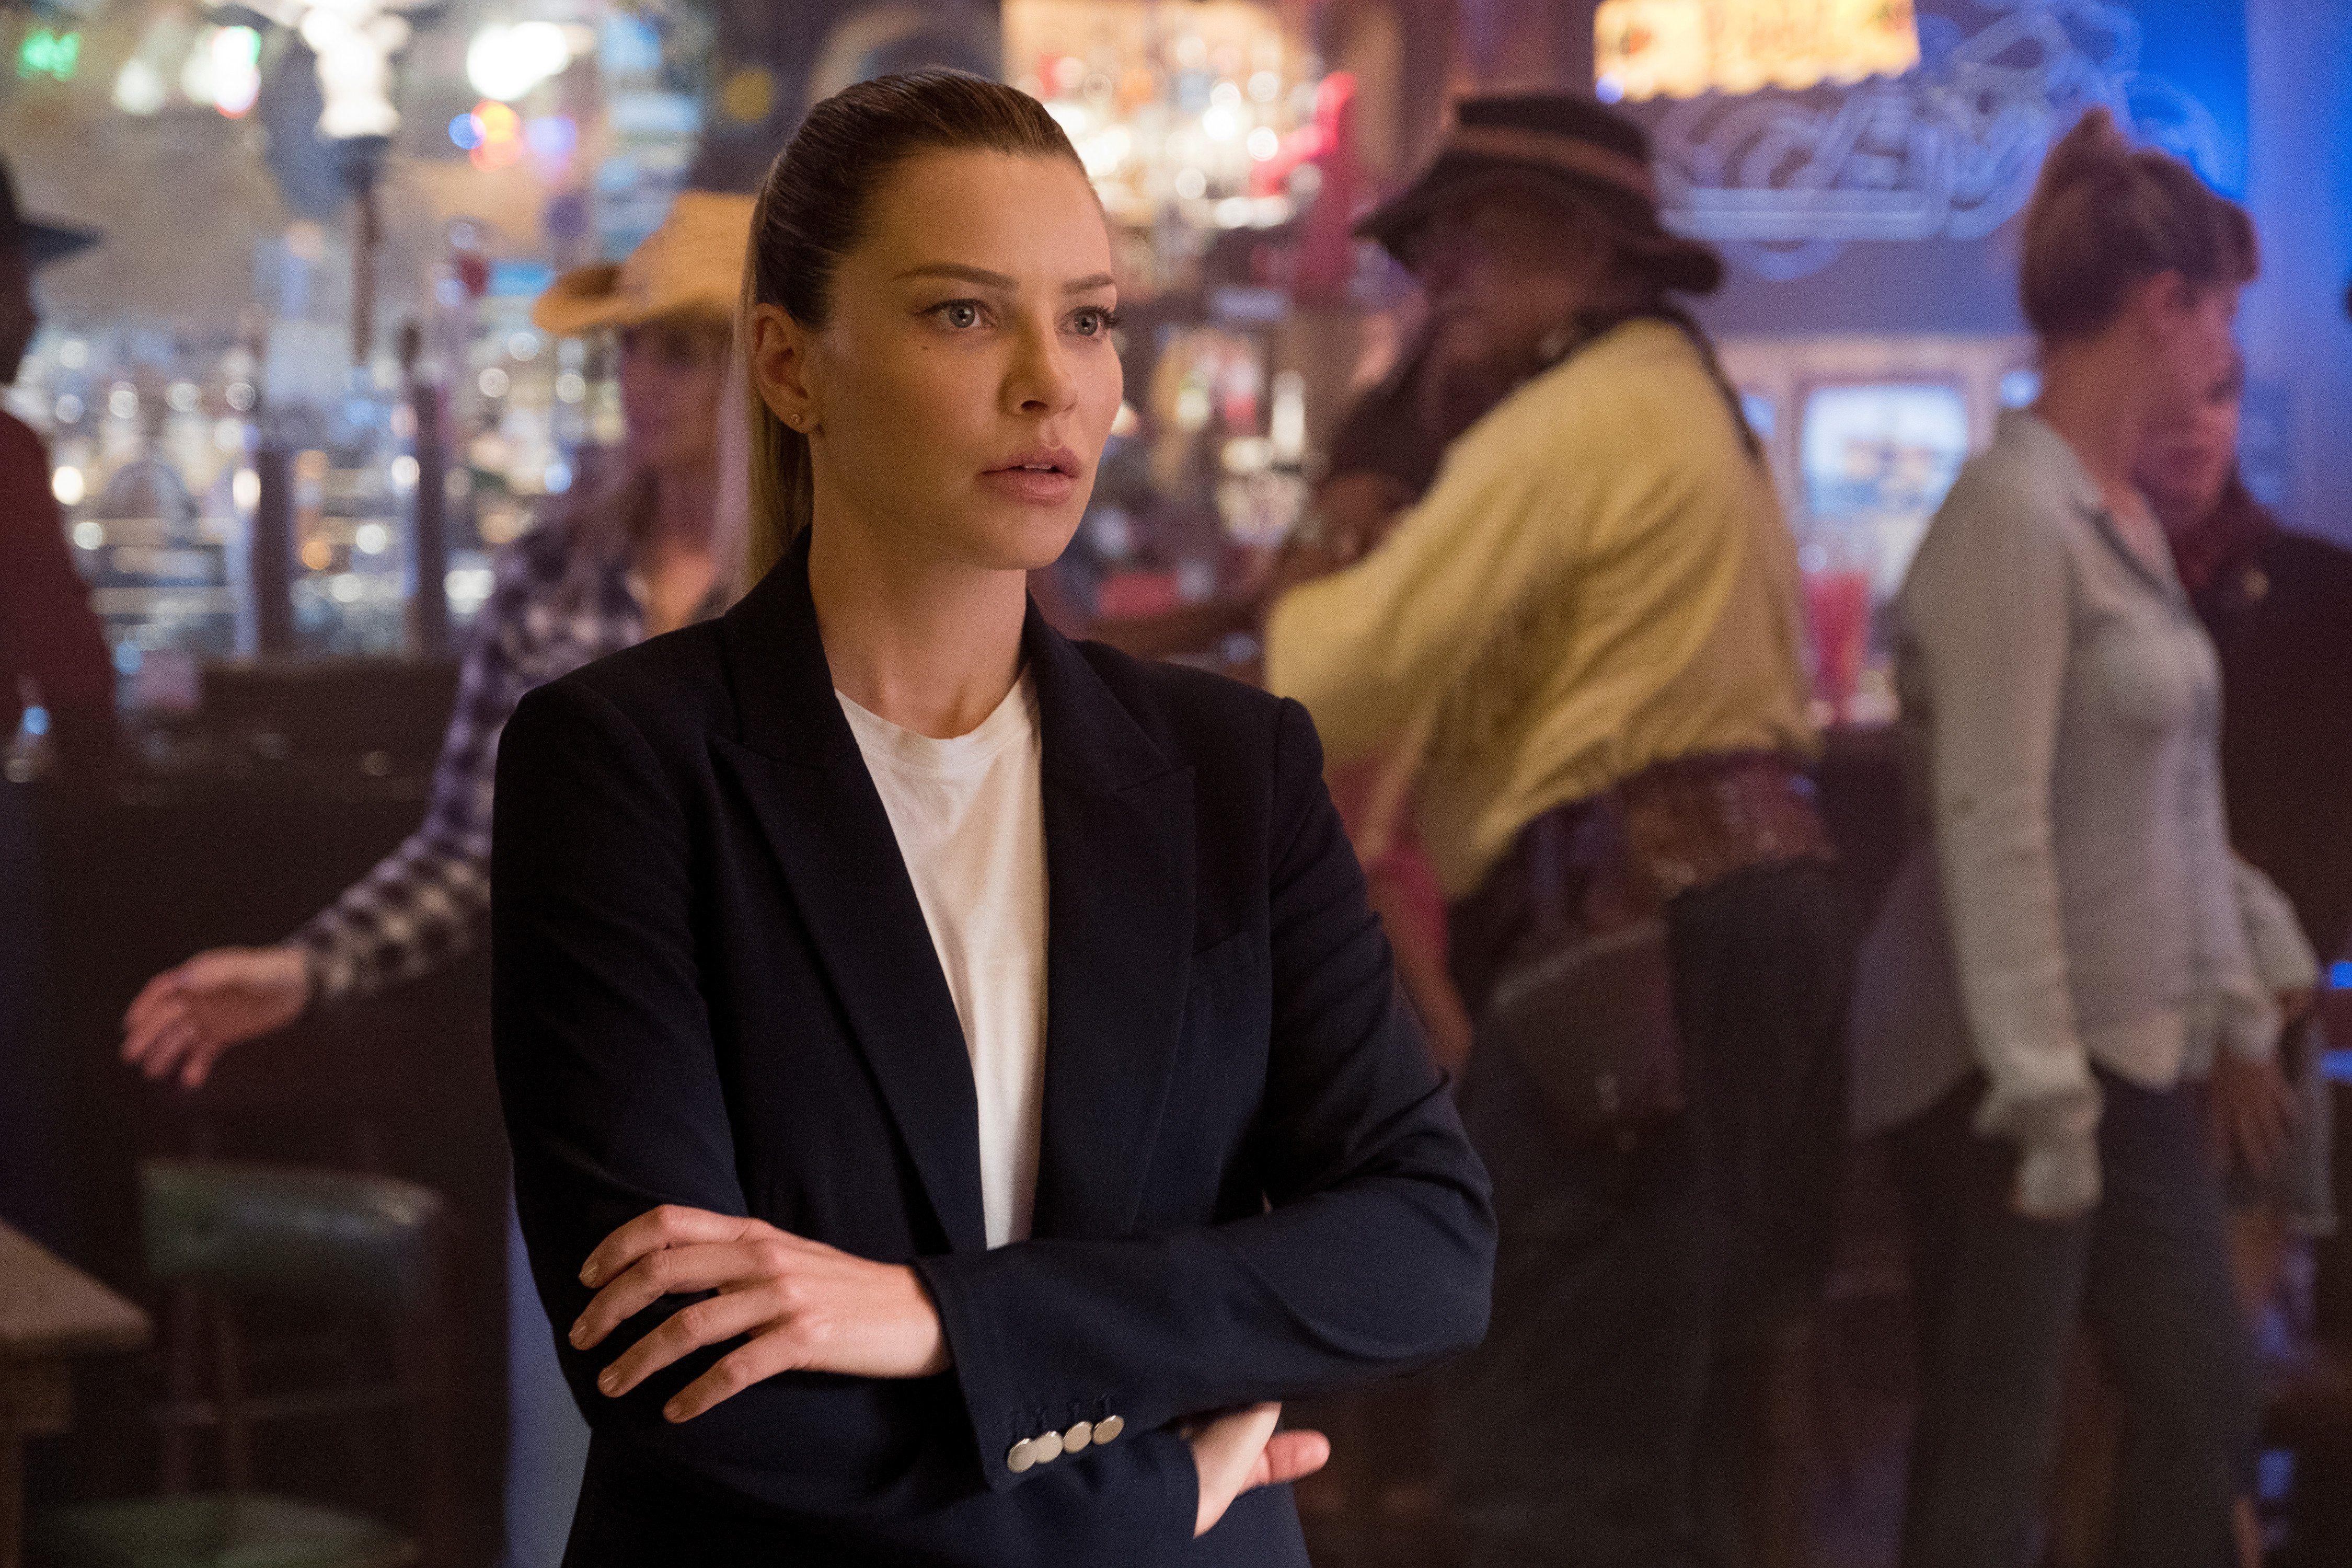 Lucifer season 5 spoilers Chloe Decker actress leaks a